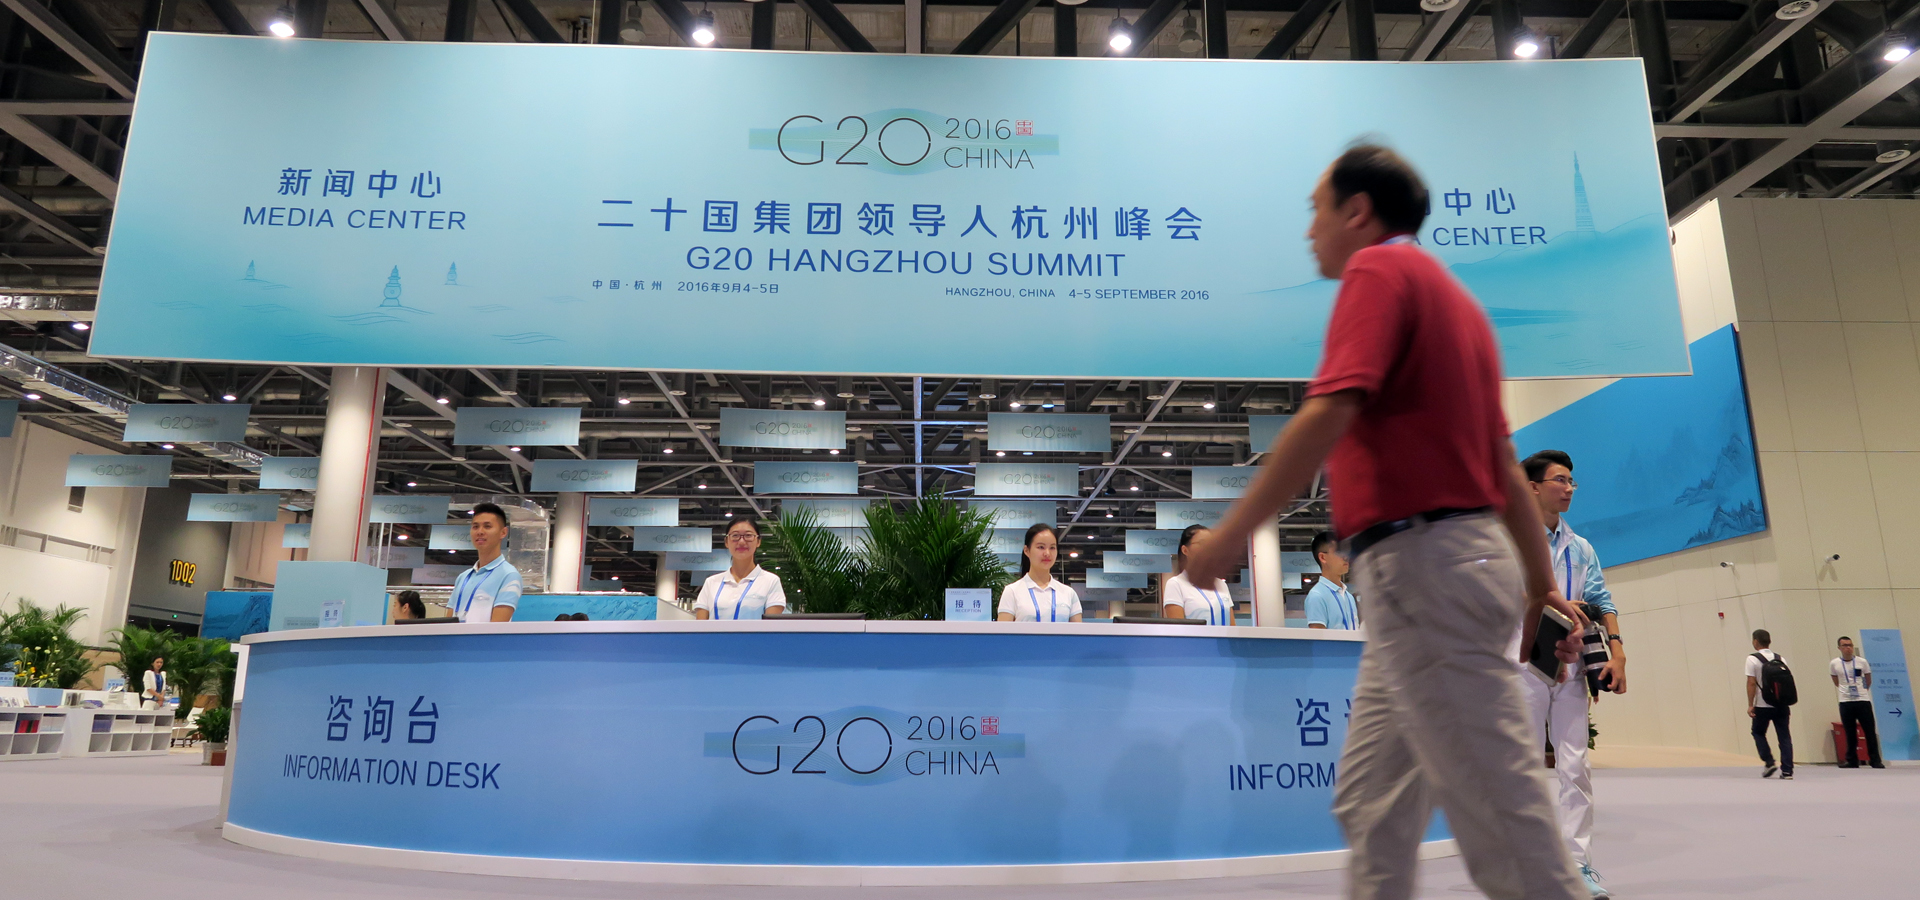 探訪G20杭州峰會新聞中心